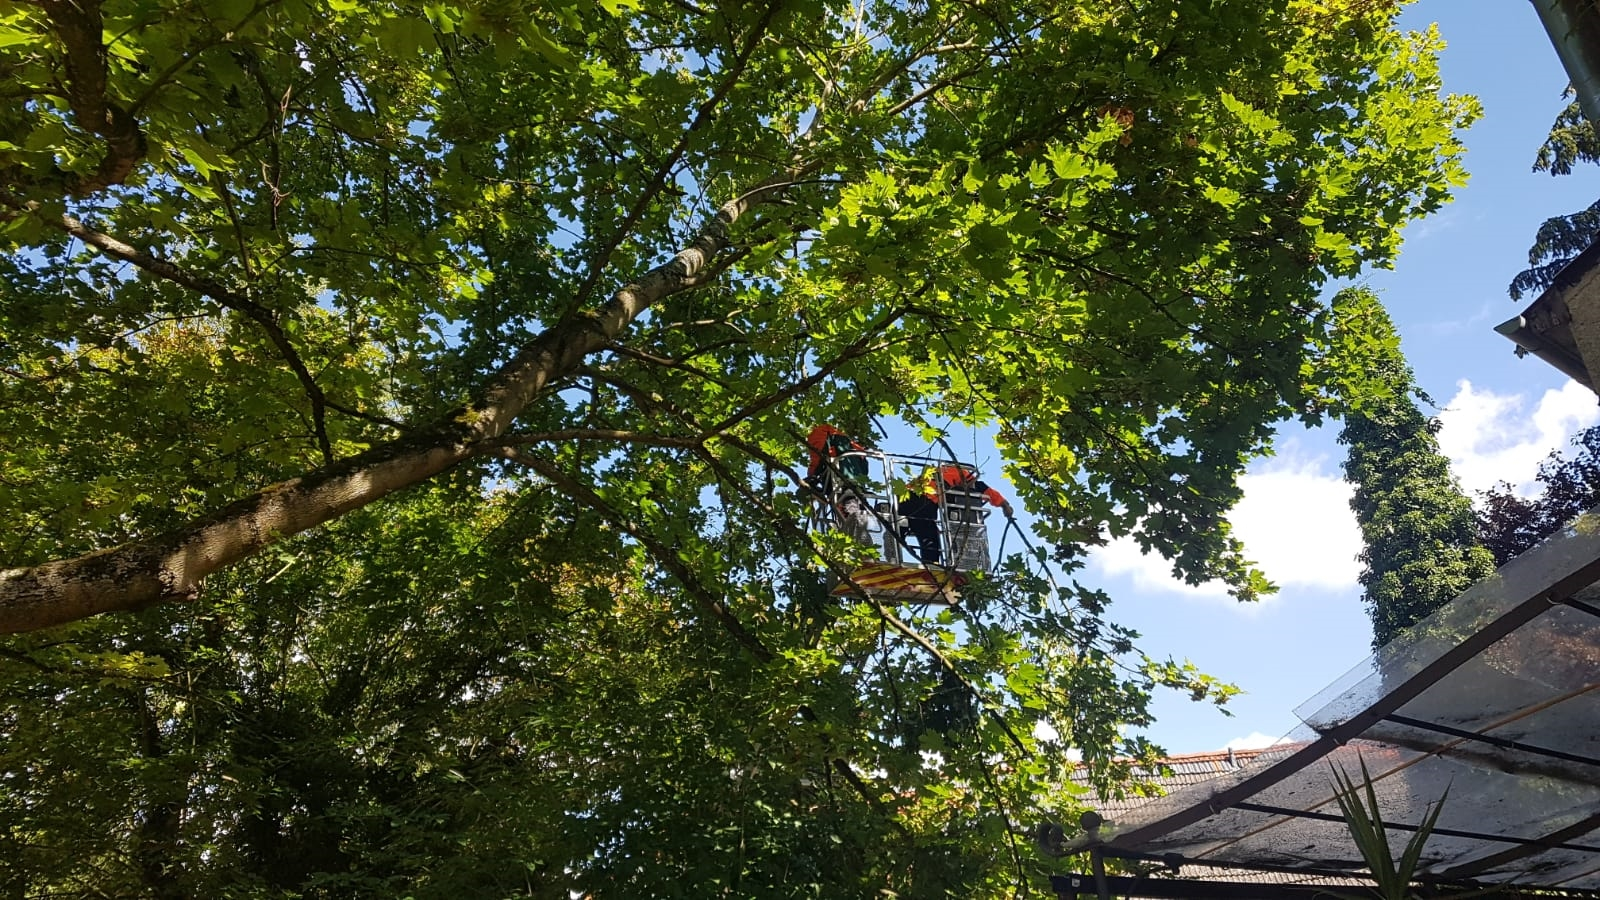 H1 Baum droht umzustürzen 02 2018-08-11